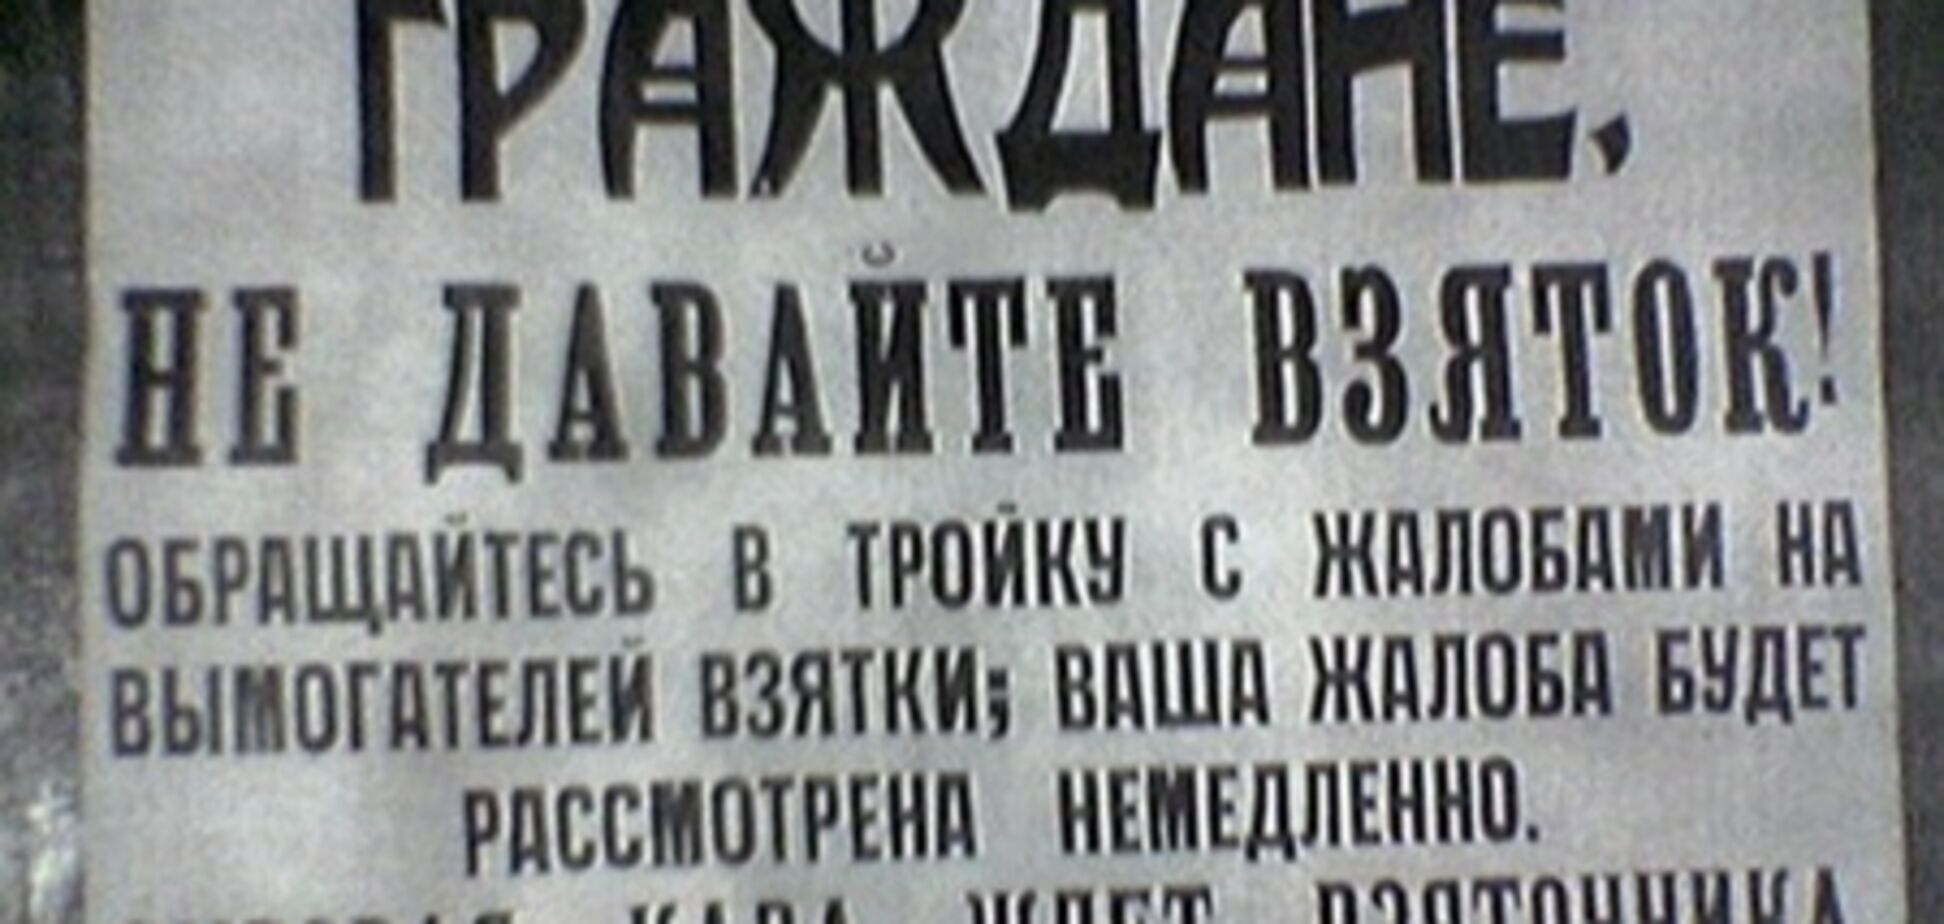 У дрімучих селах Тернопільщини почали брати хабарі по безналу